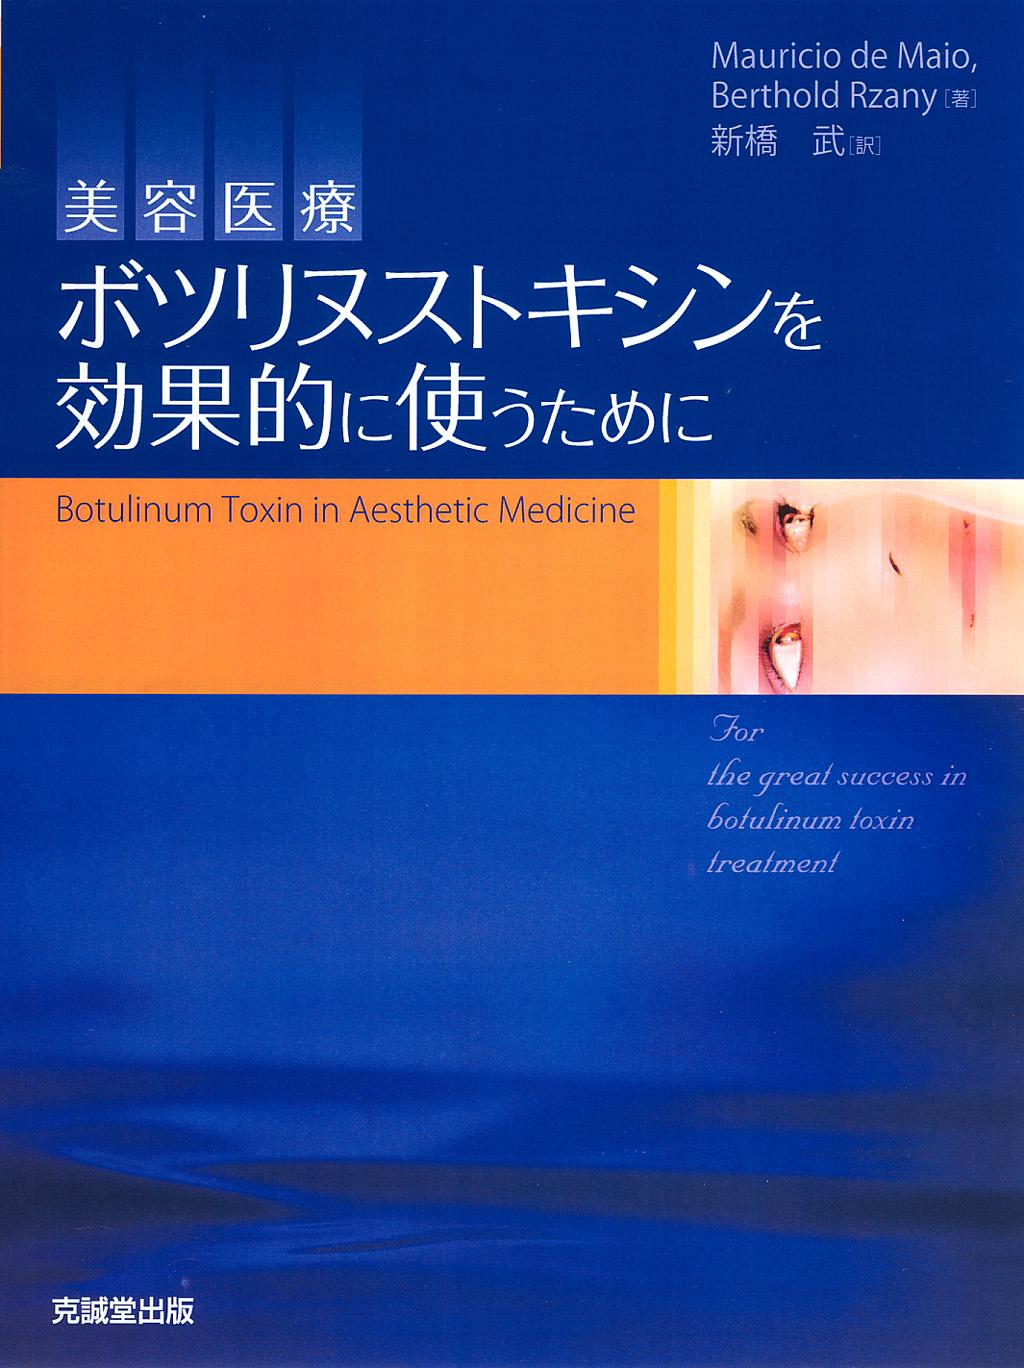 美容医療ボツリヌストキシンを効果的に使うために